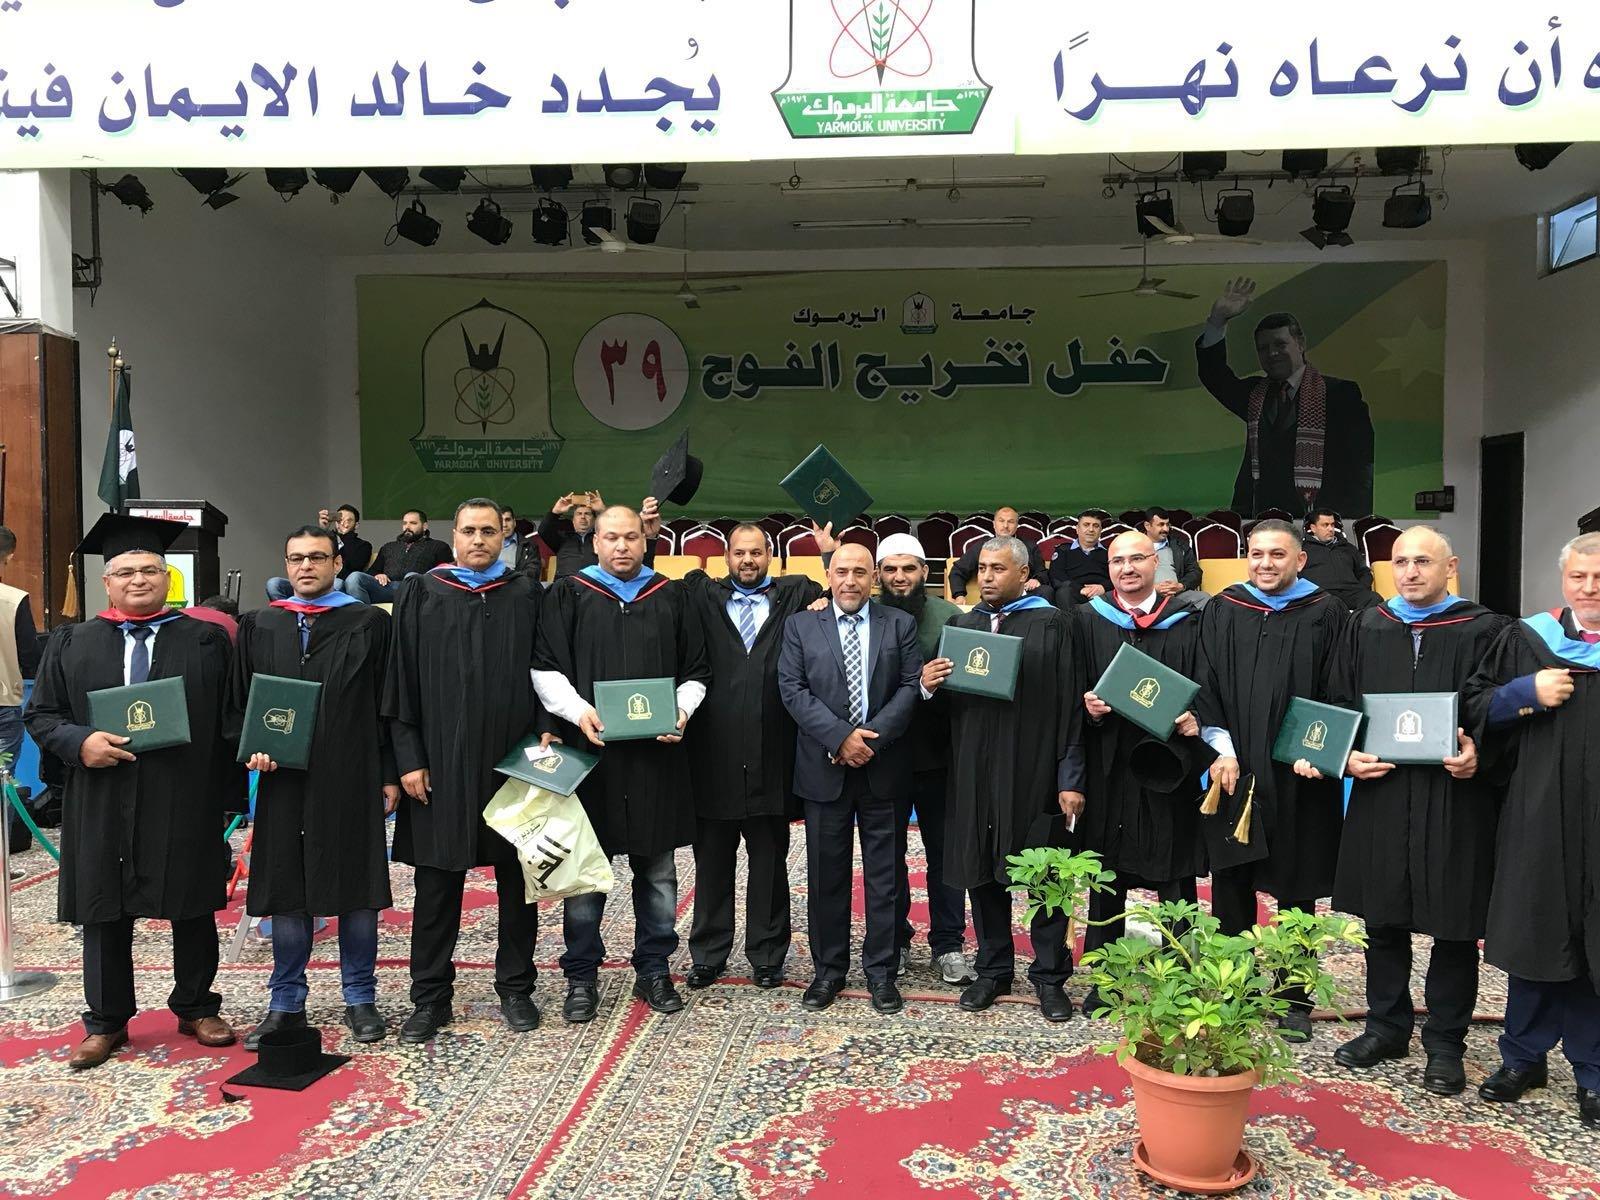 النائب طلب أبو عرار يشارك في تخرج 11 دكتور في تخصص الادارة التربوية من طلاب عرب الداخل الفلسطيني من جامعة اليرموك في المملكة الاردنية الهاشمية